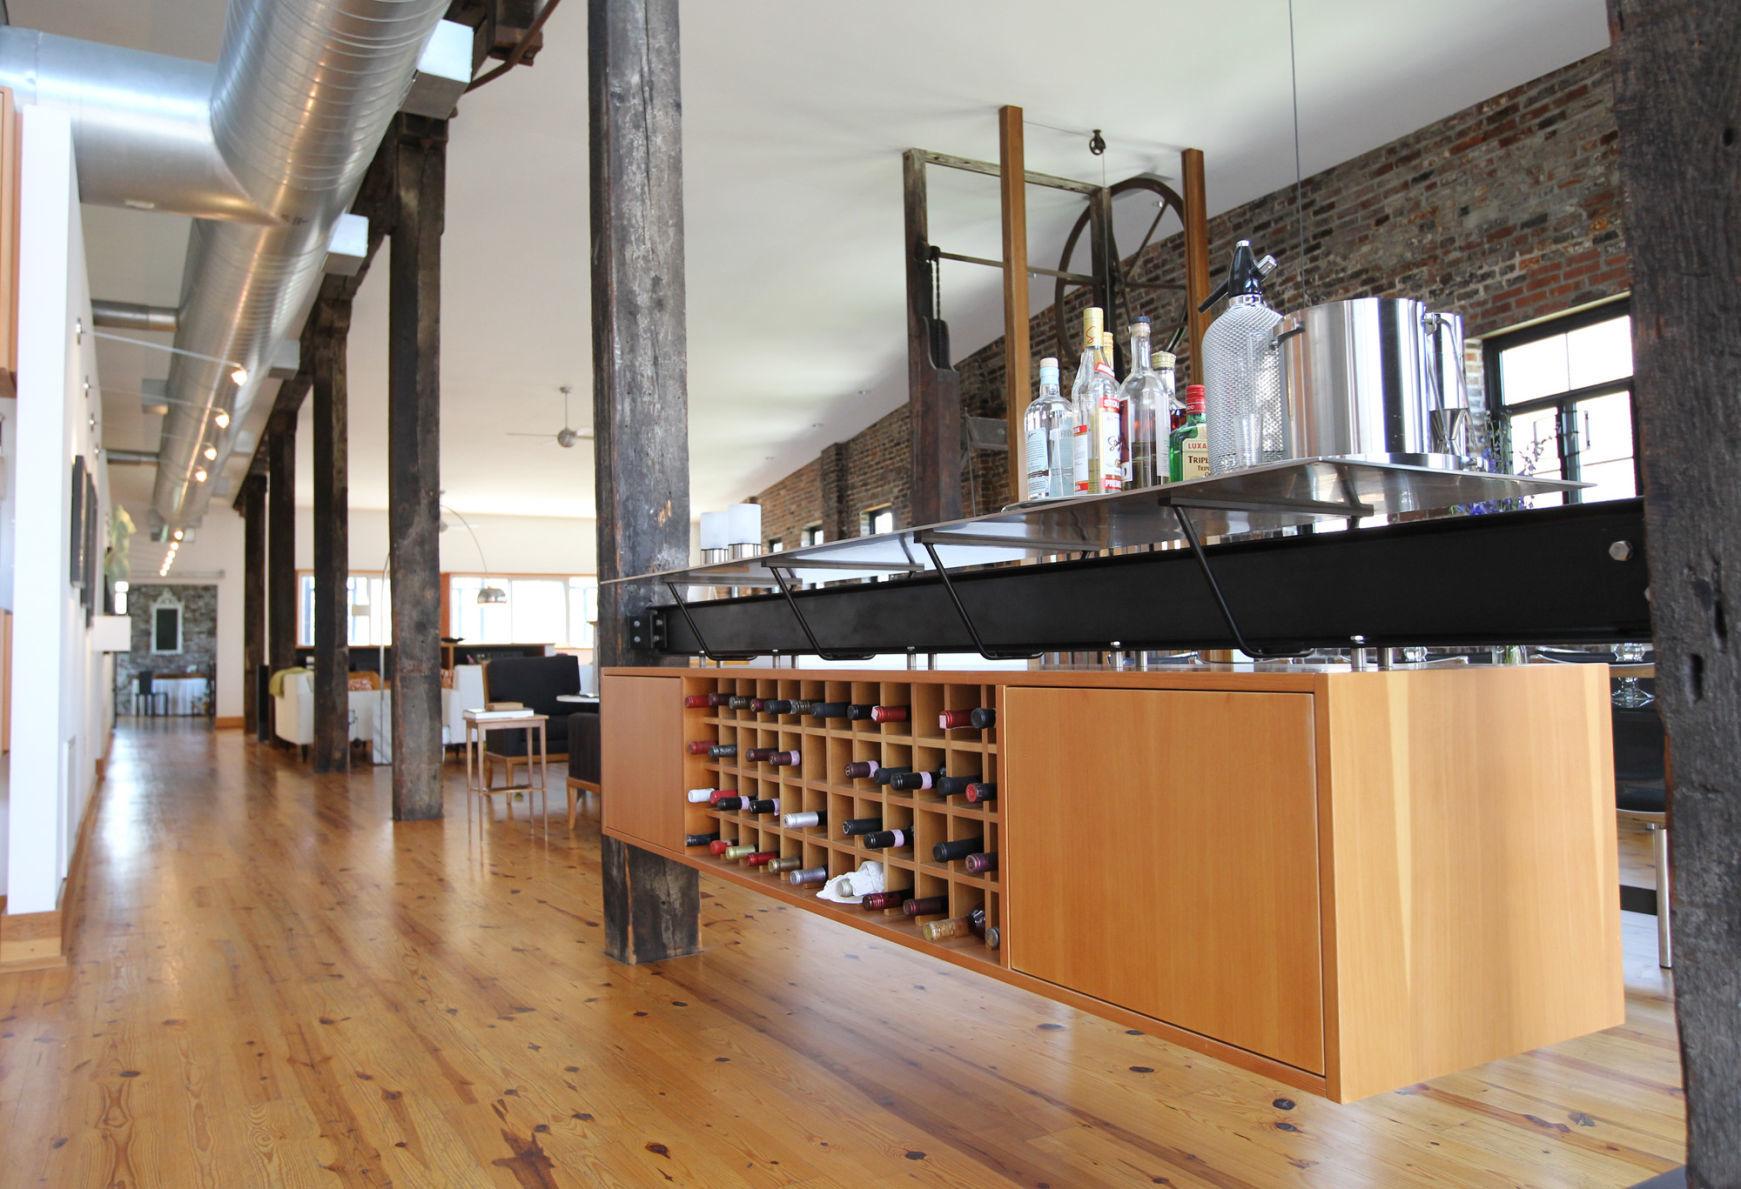 Philip Durham, Architect Of Citygarden Restaurant, Dies At 57 | Obituaries  | Stltoday.com